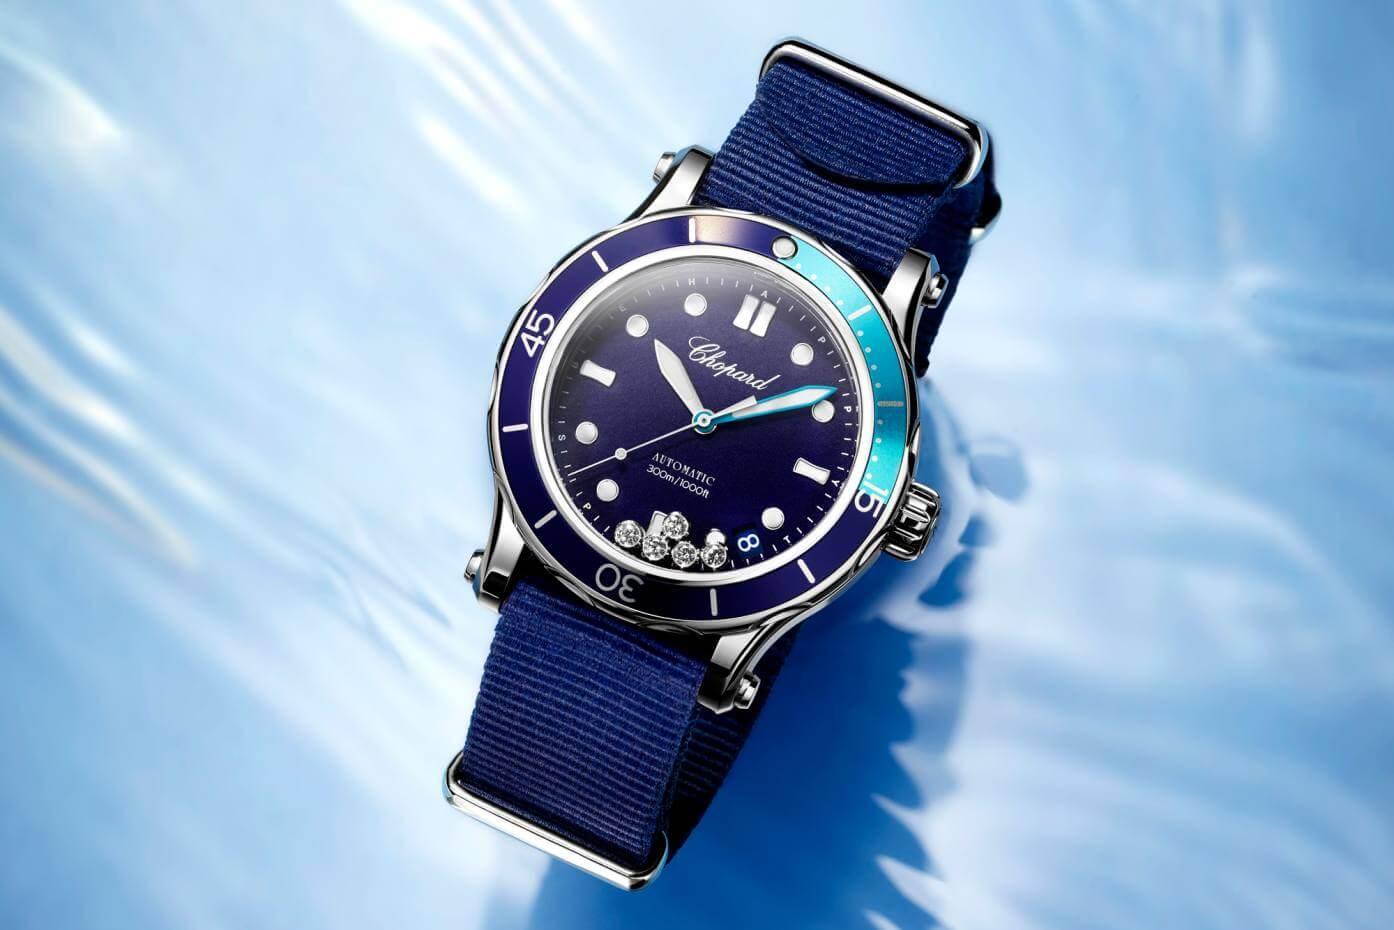 màu sắc tươi sáng của đồng hồ nữ